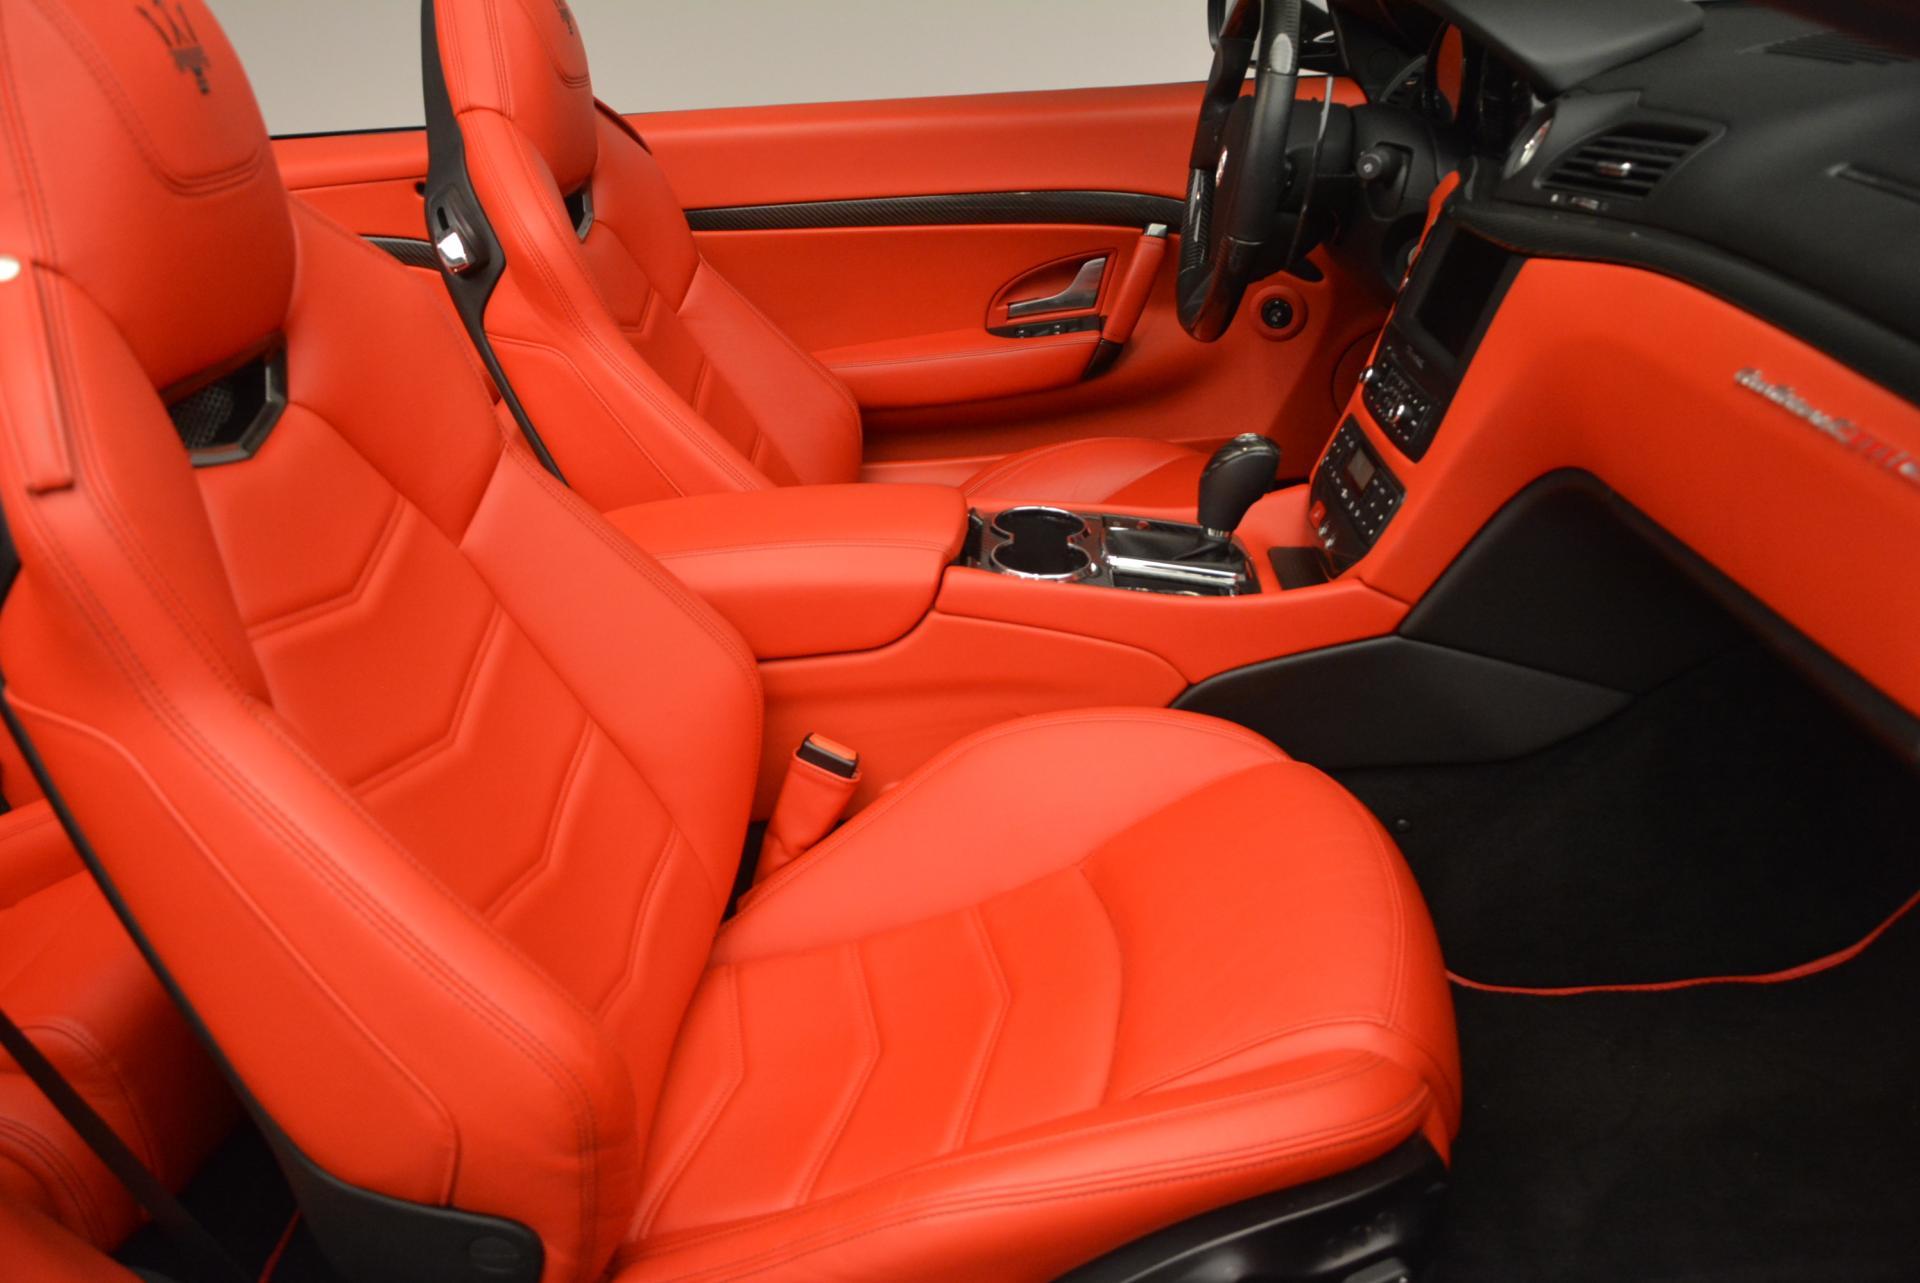 Used 2013 Maserati GranTurismo MC For Sale In Greenwich, CT 521_p28